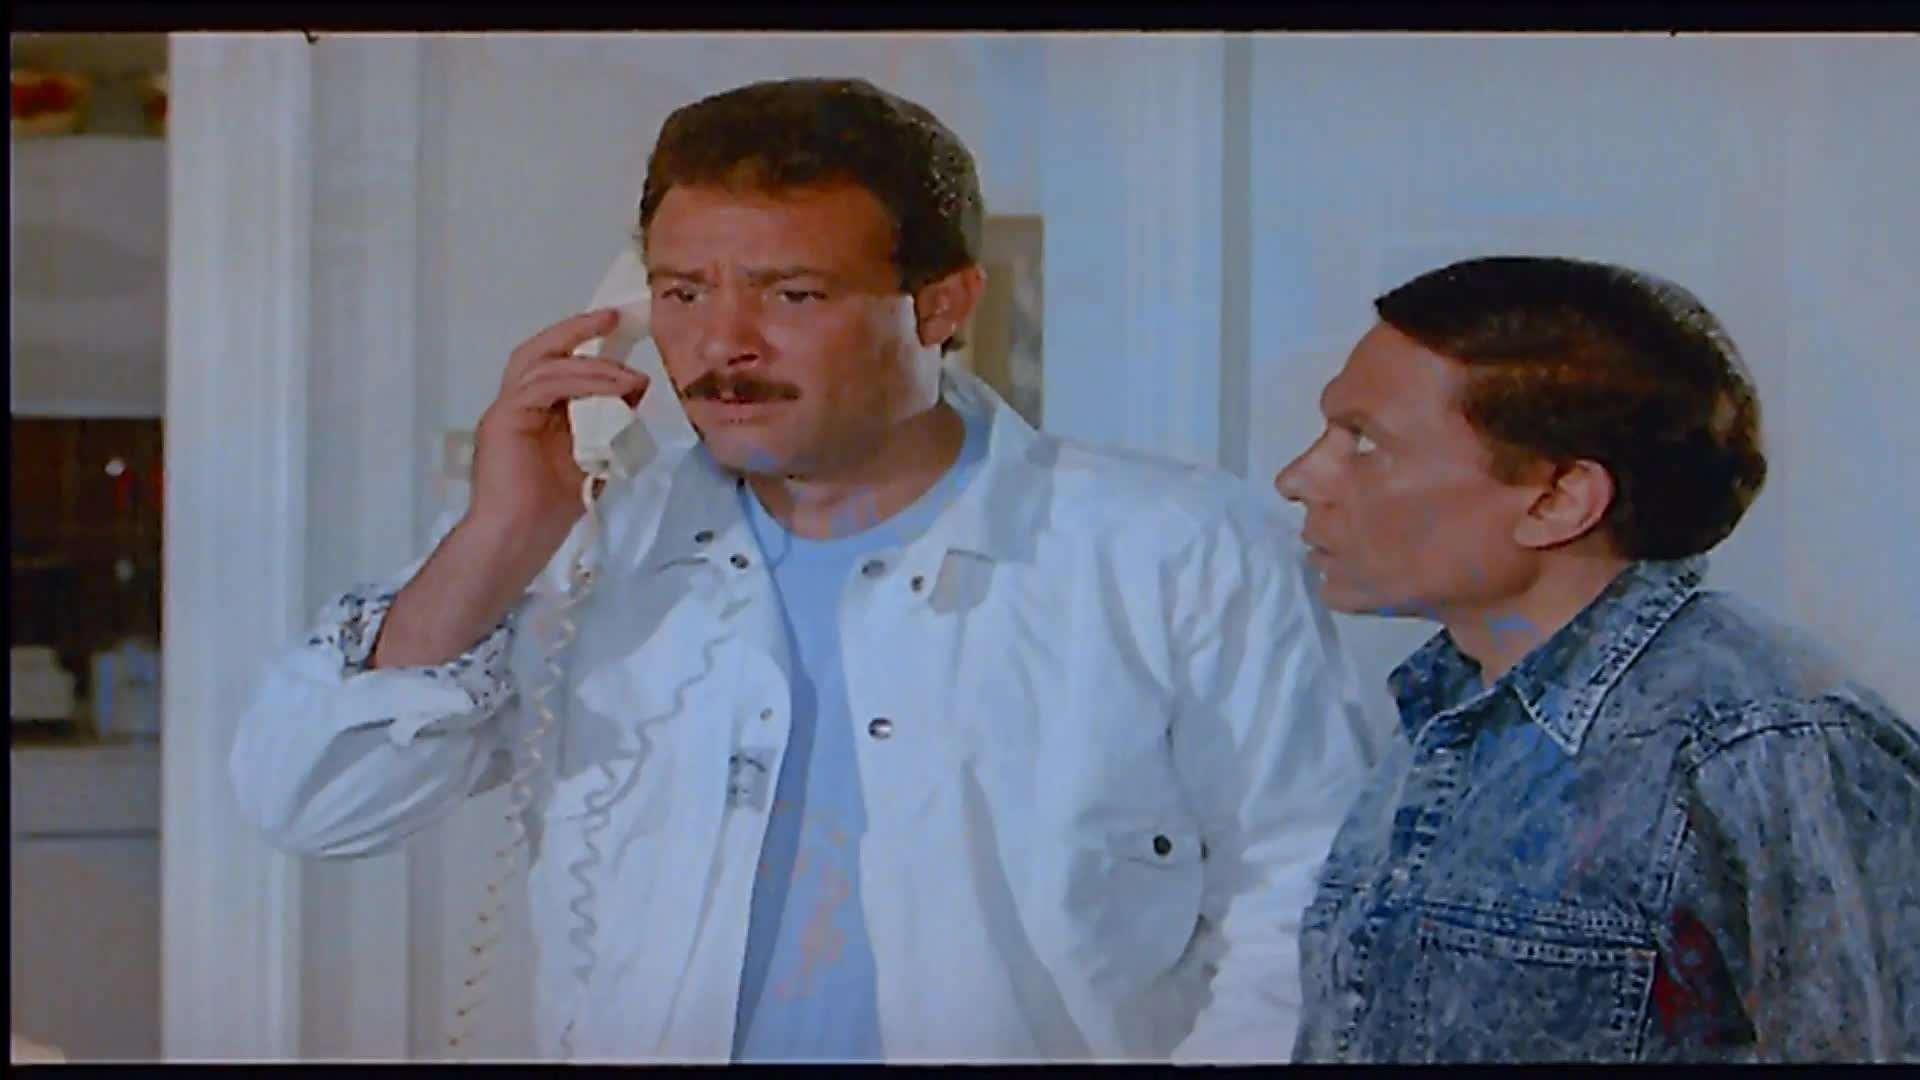 [فيلم][تورنت][تحميل][حنفي الأبهة][1990][1080p][Web-DL] 9 arabp2p.com